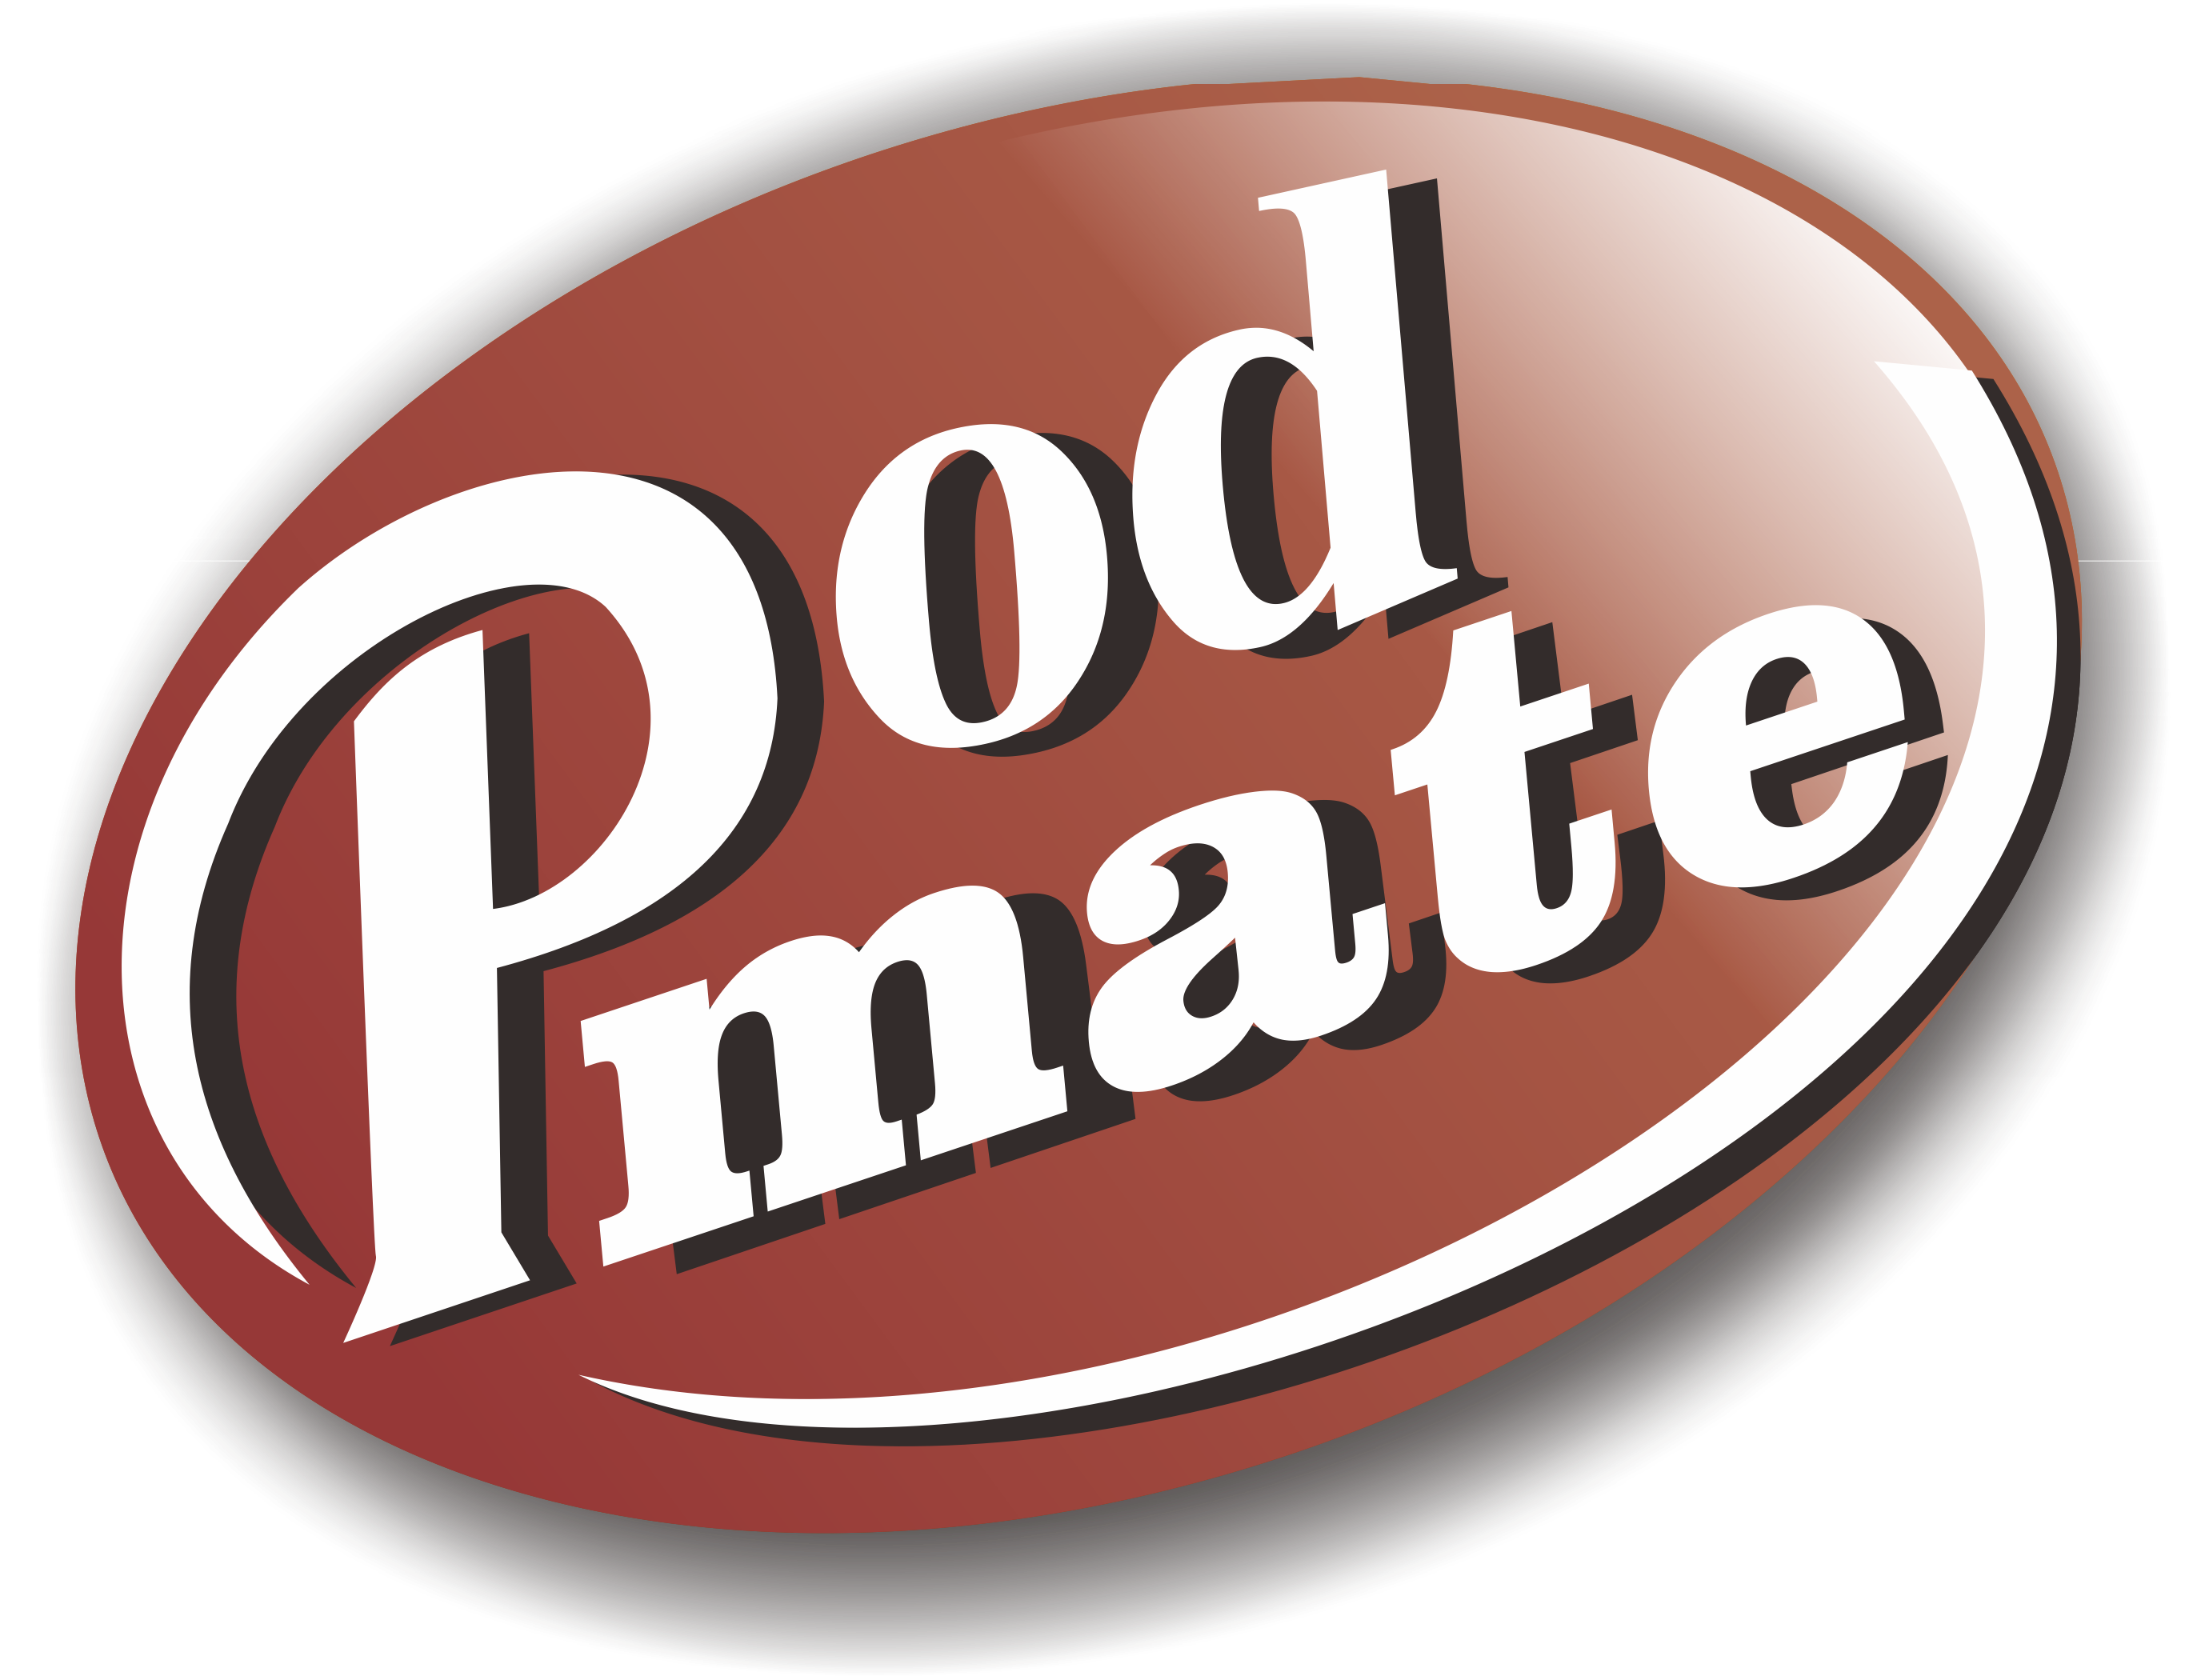 工廠logo